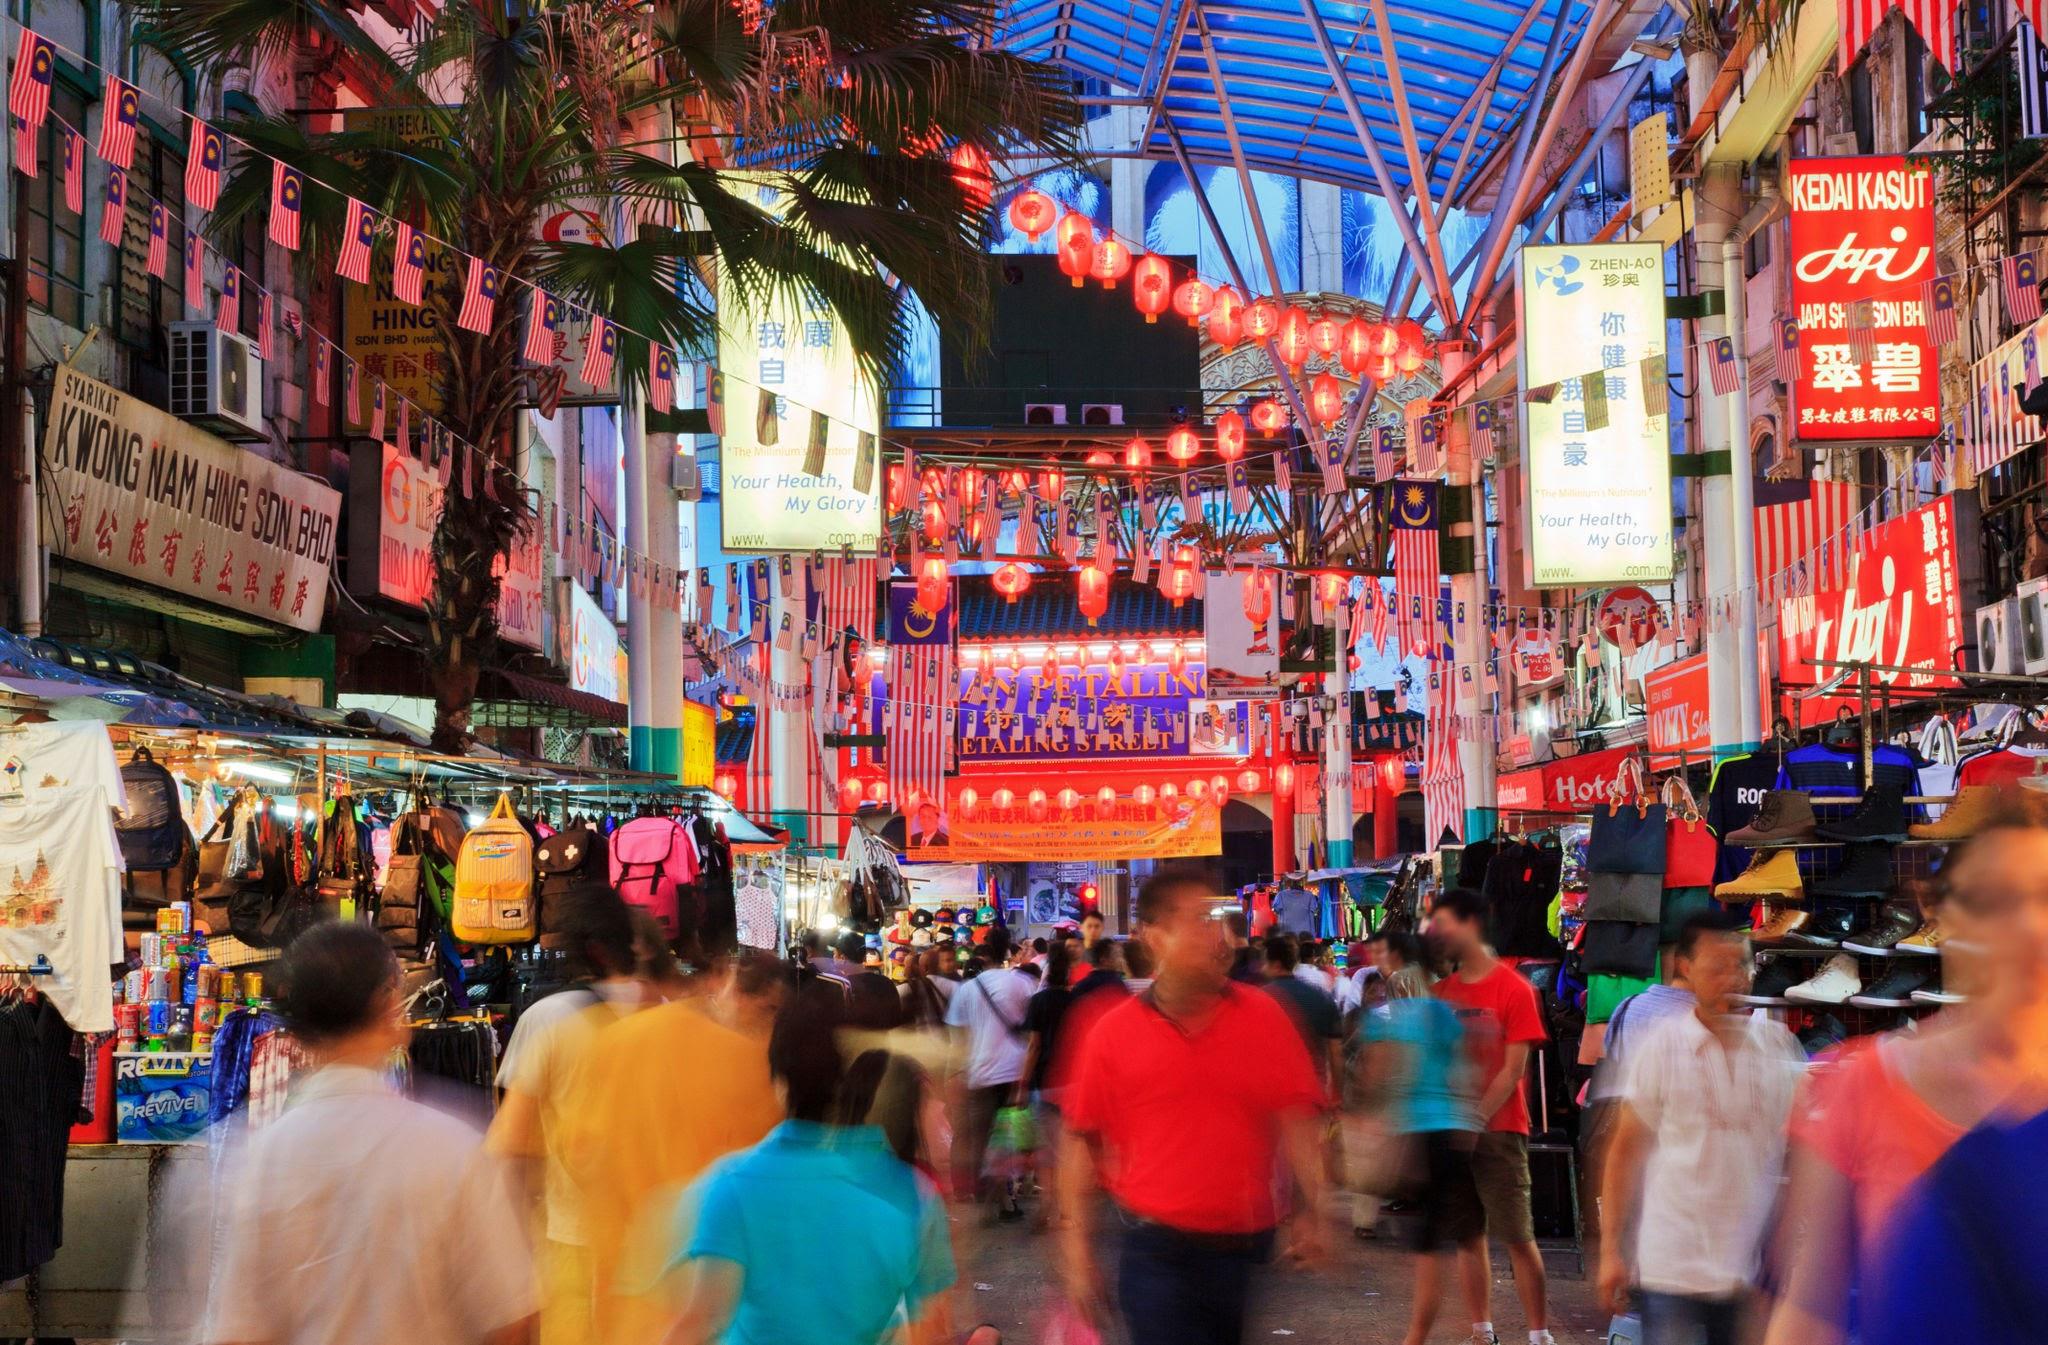 Petaling Street Market